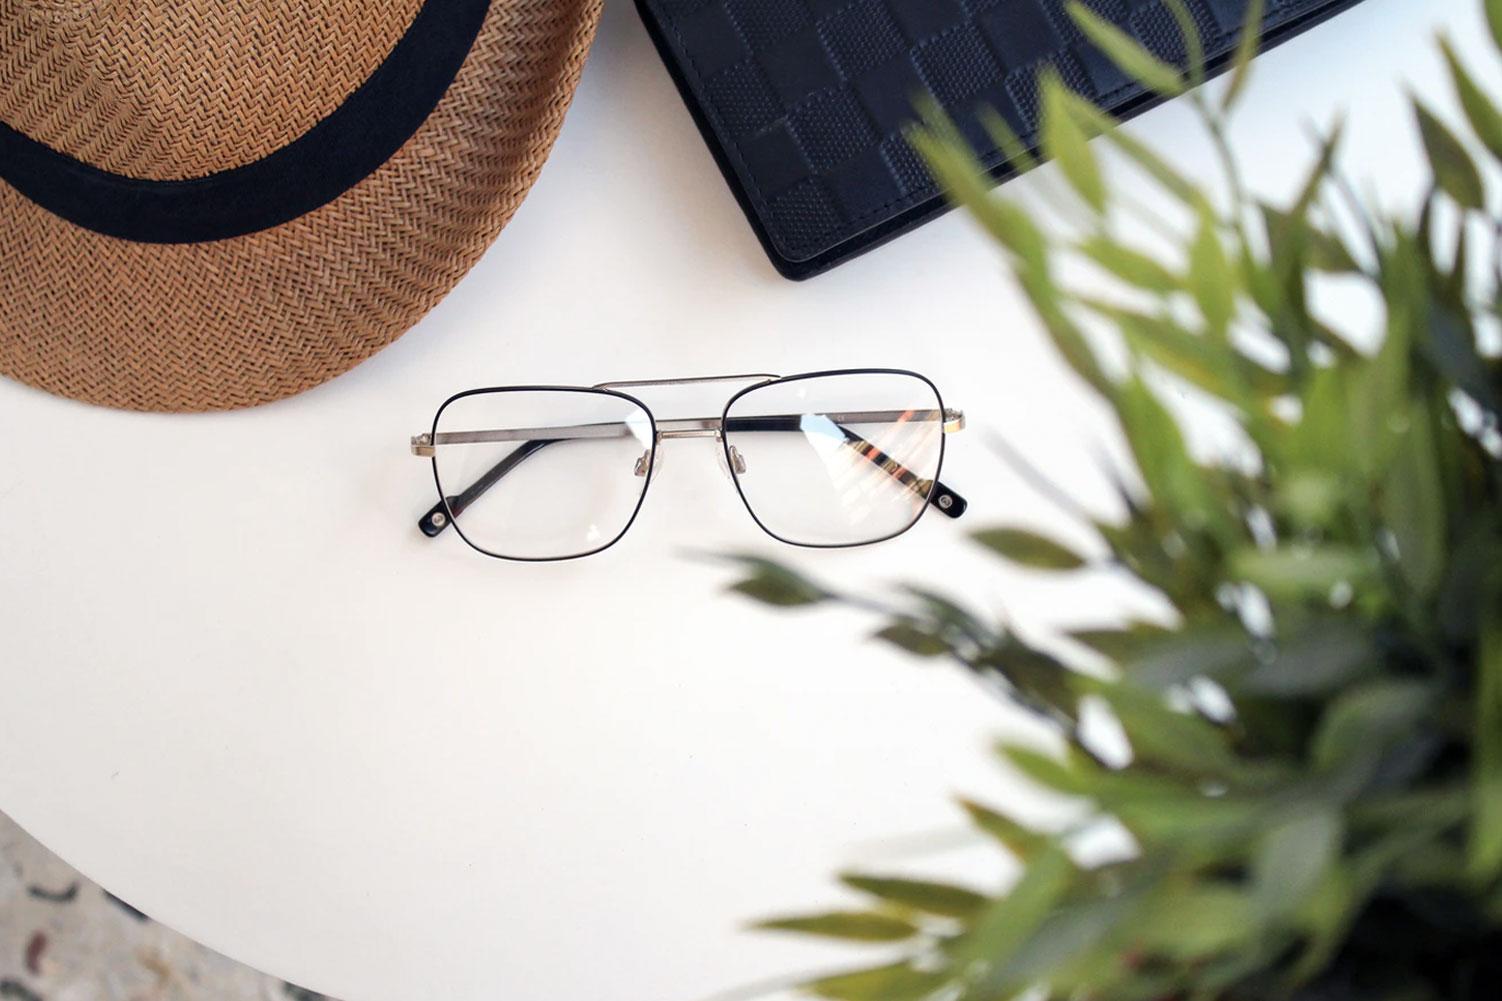 eyewear product photo